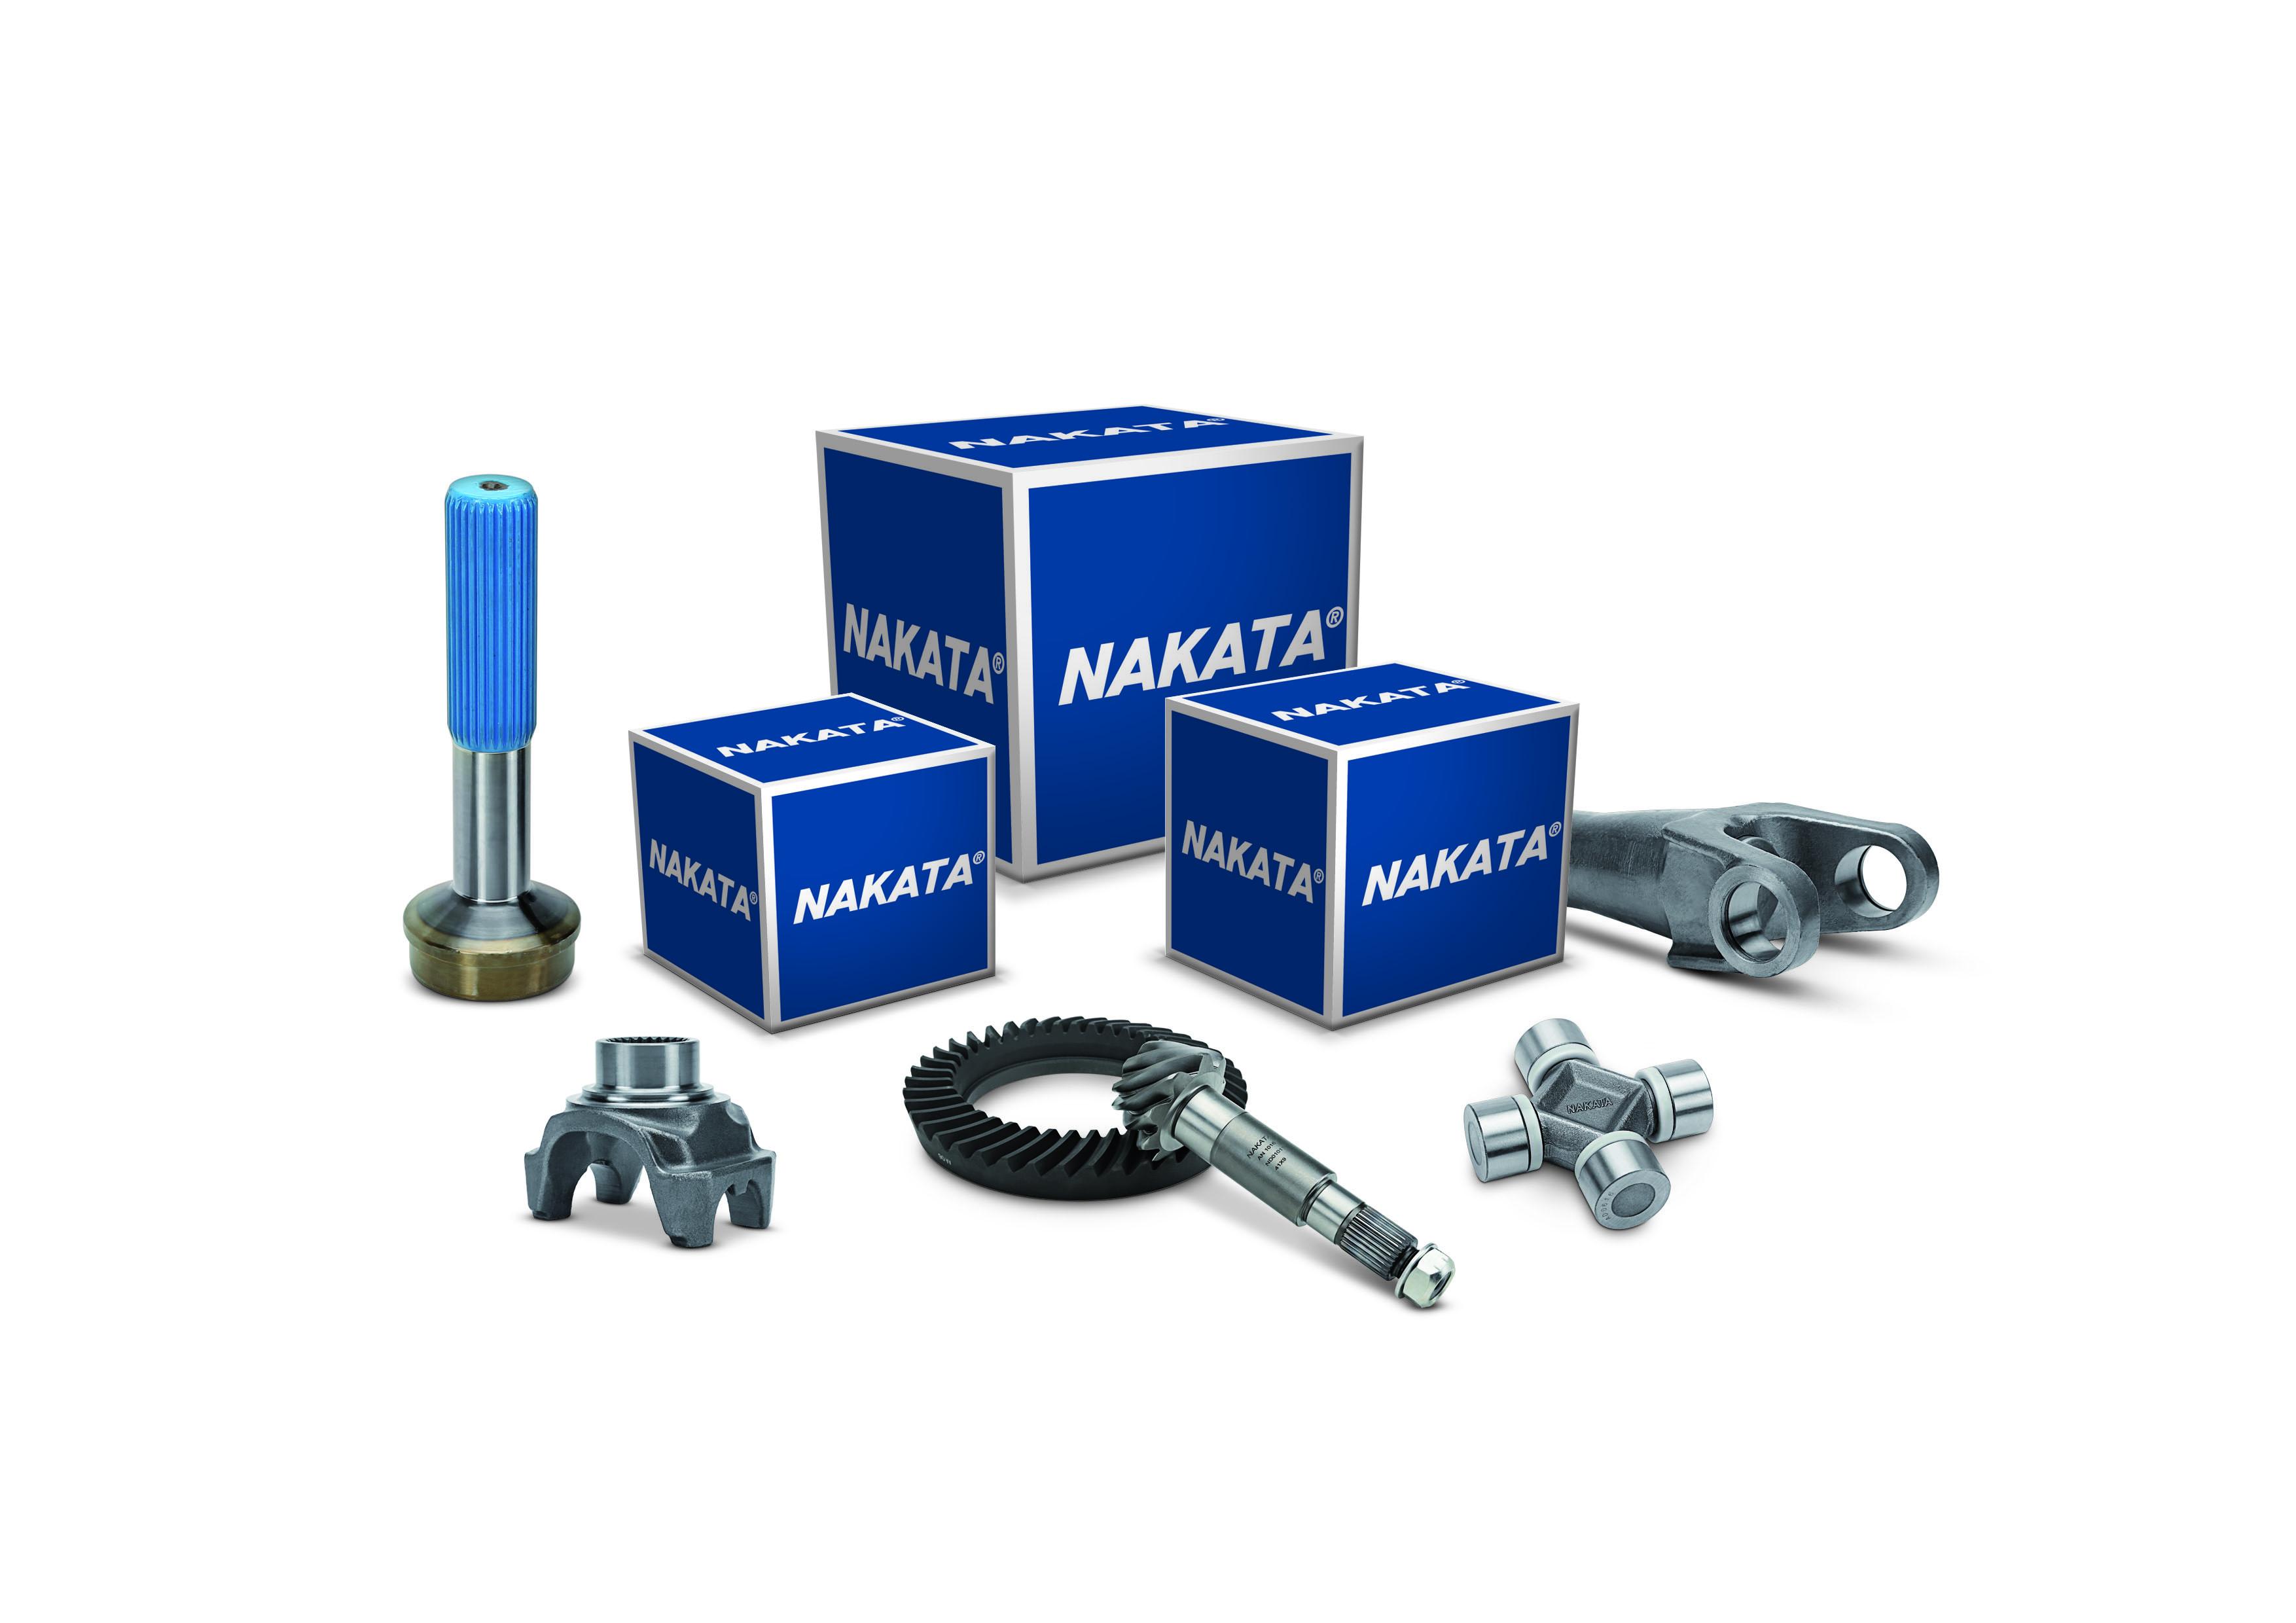 Nakata destaca novidades e amplia exposição de produtos em estande exclusivo da marca na Automec